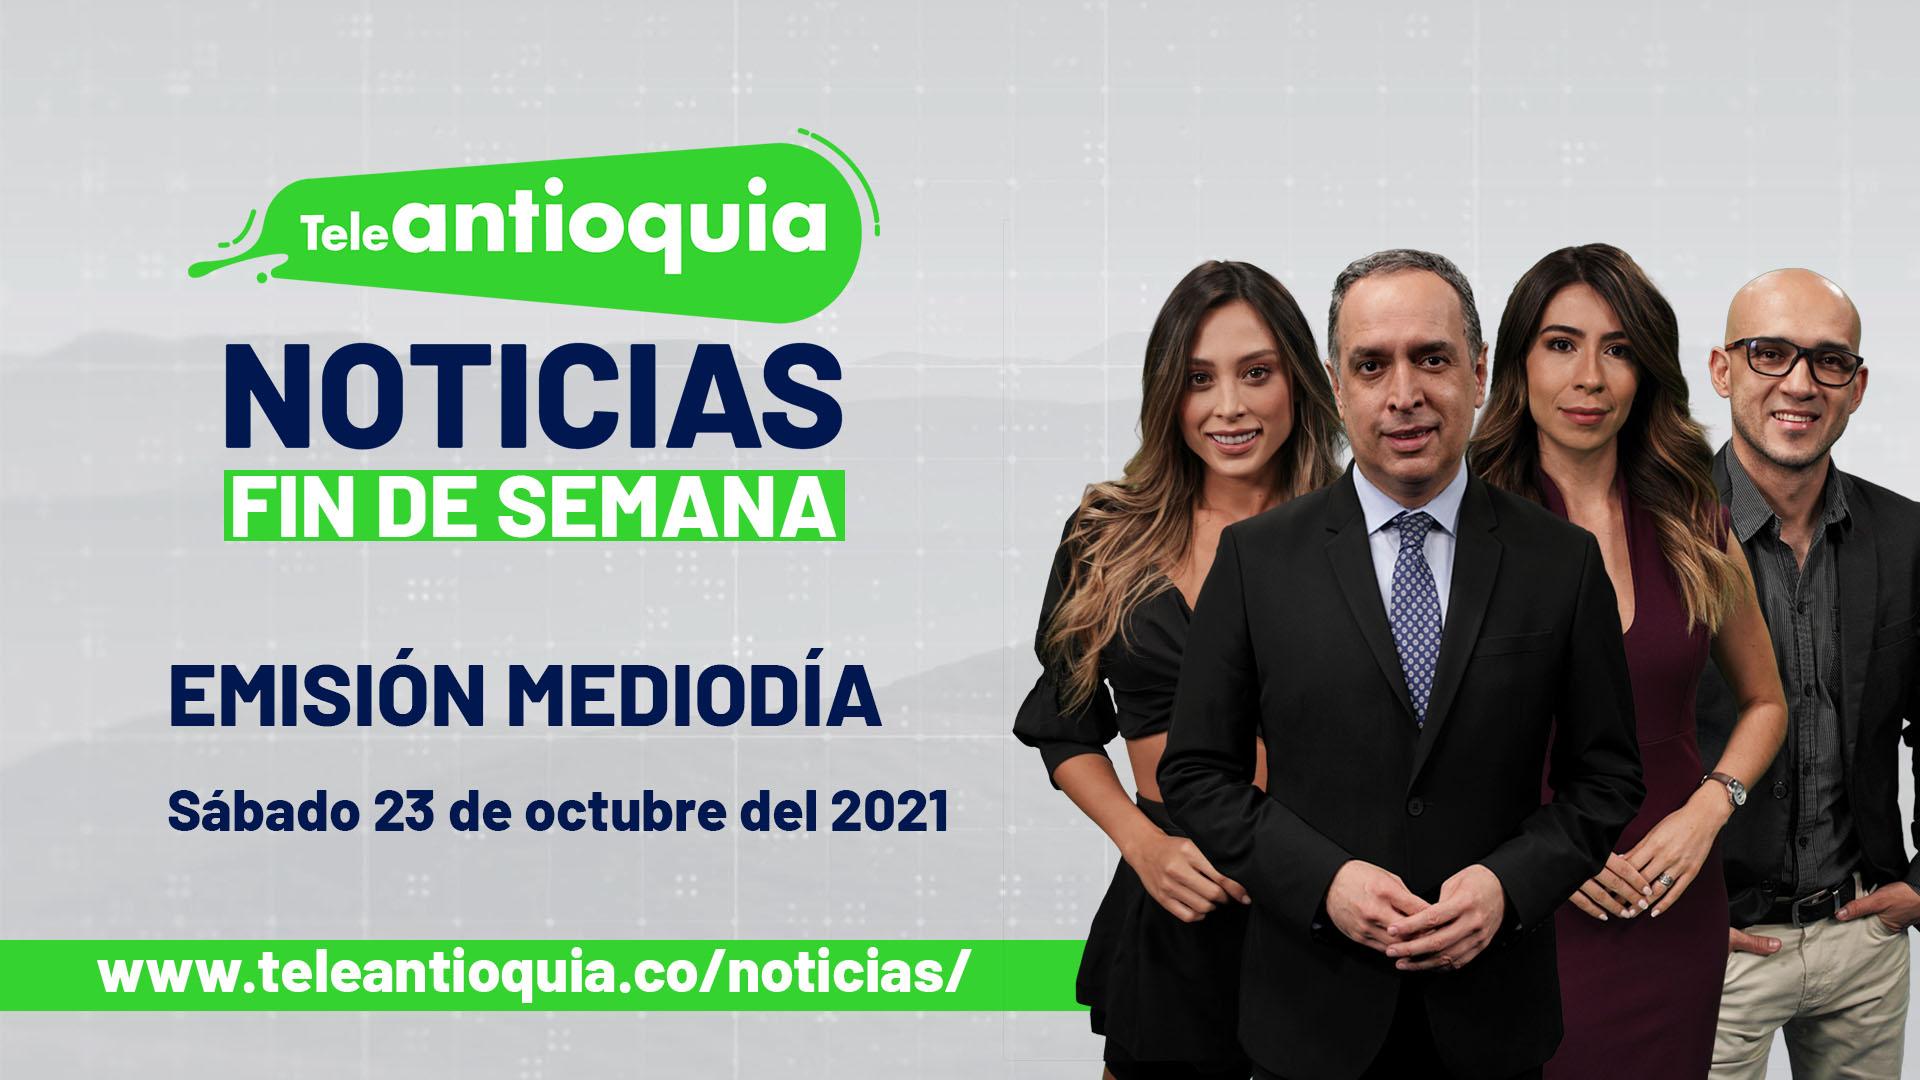 Teleantioquia Noticias – sábado 23 de octubre de 2021 mediodía